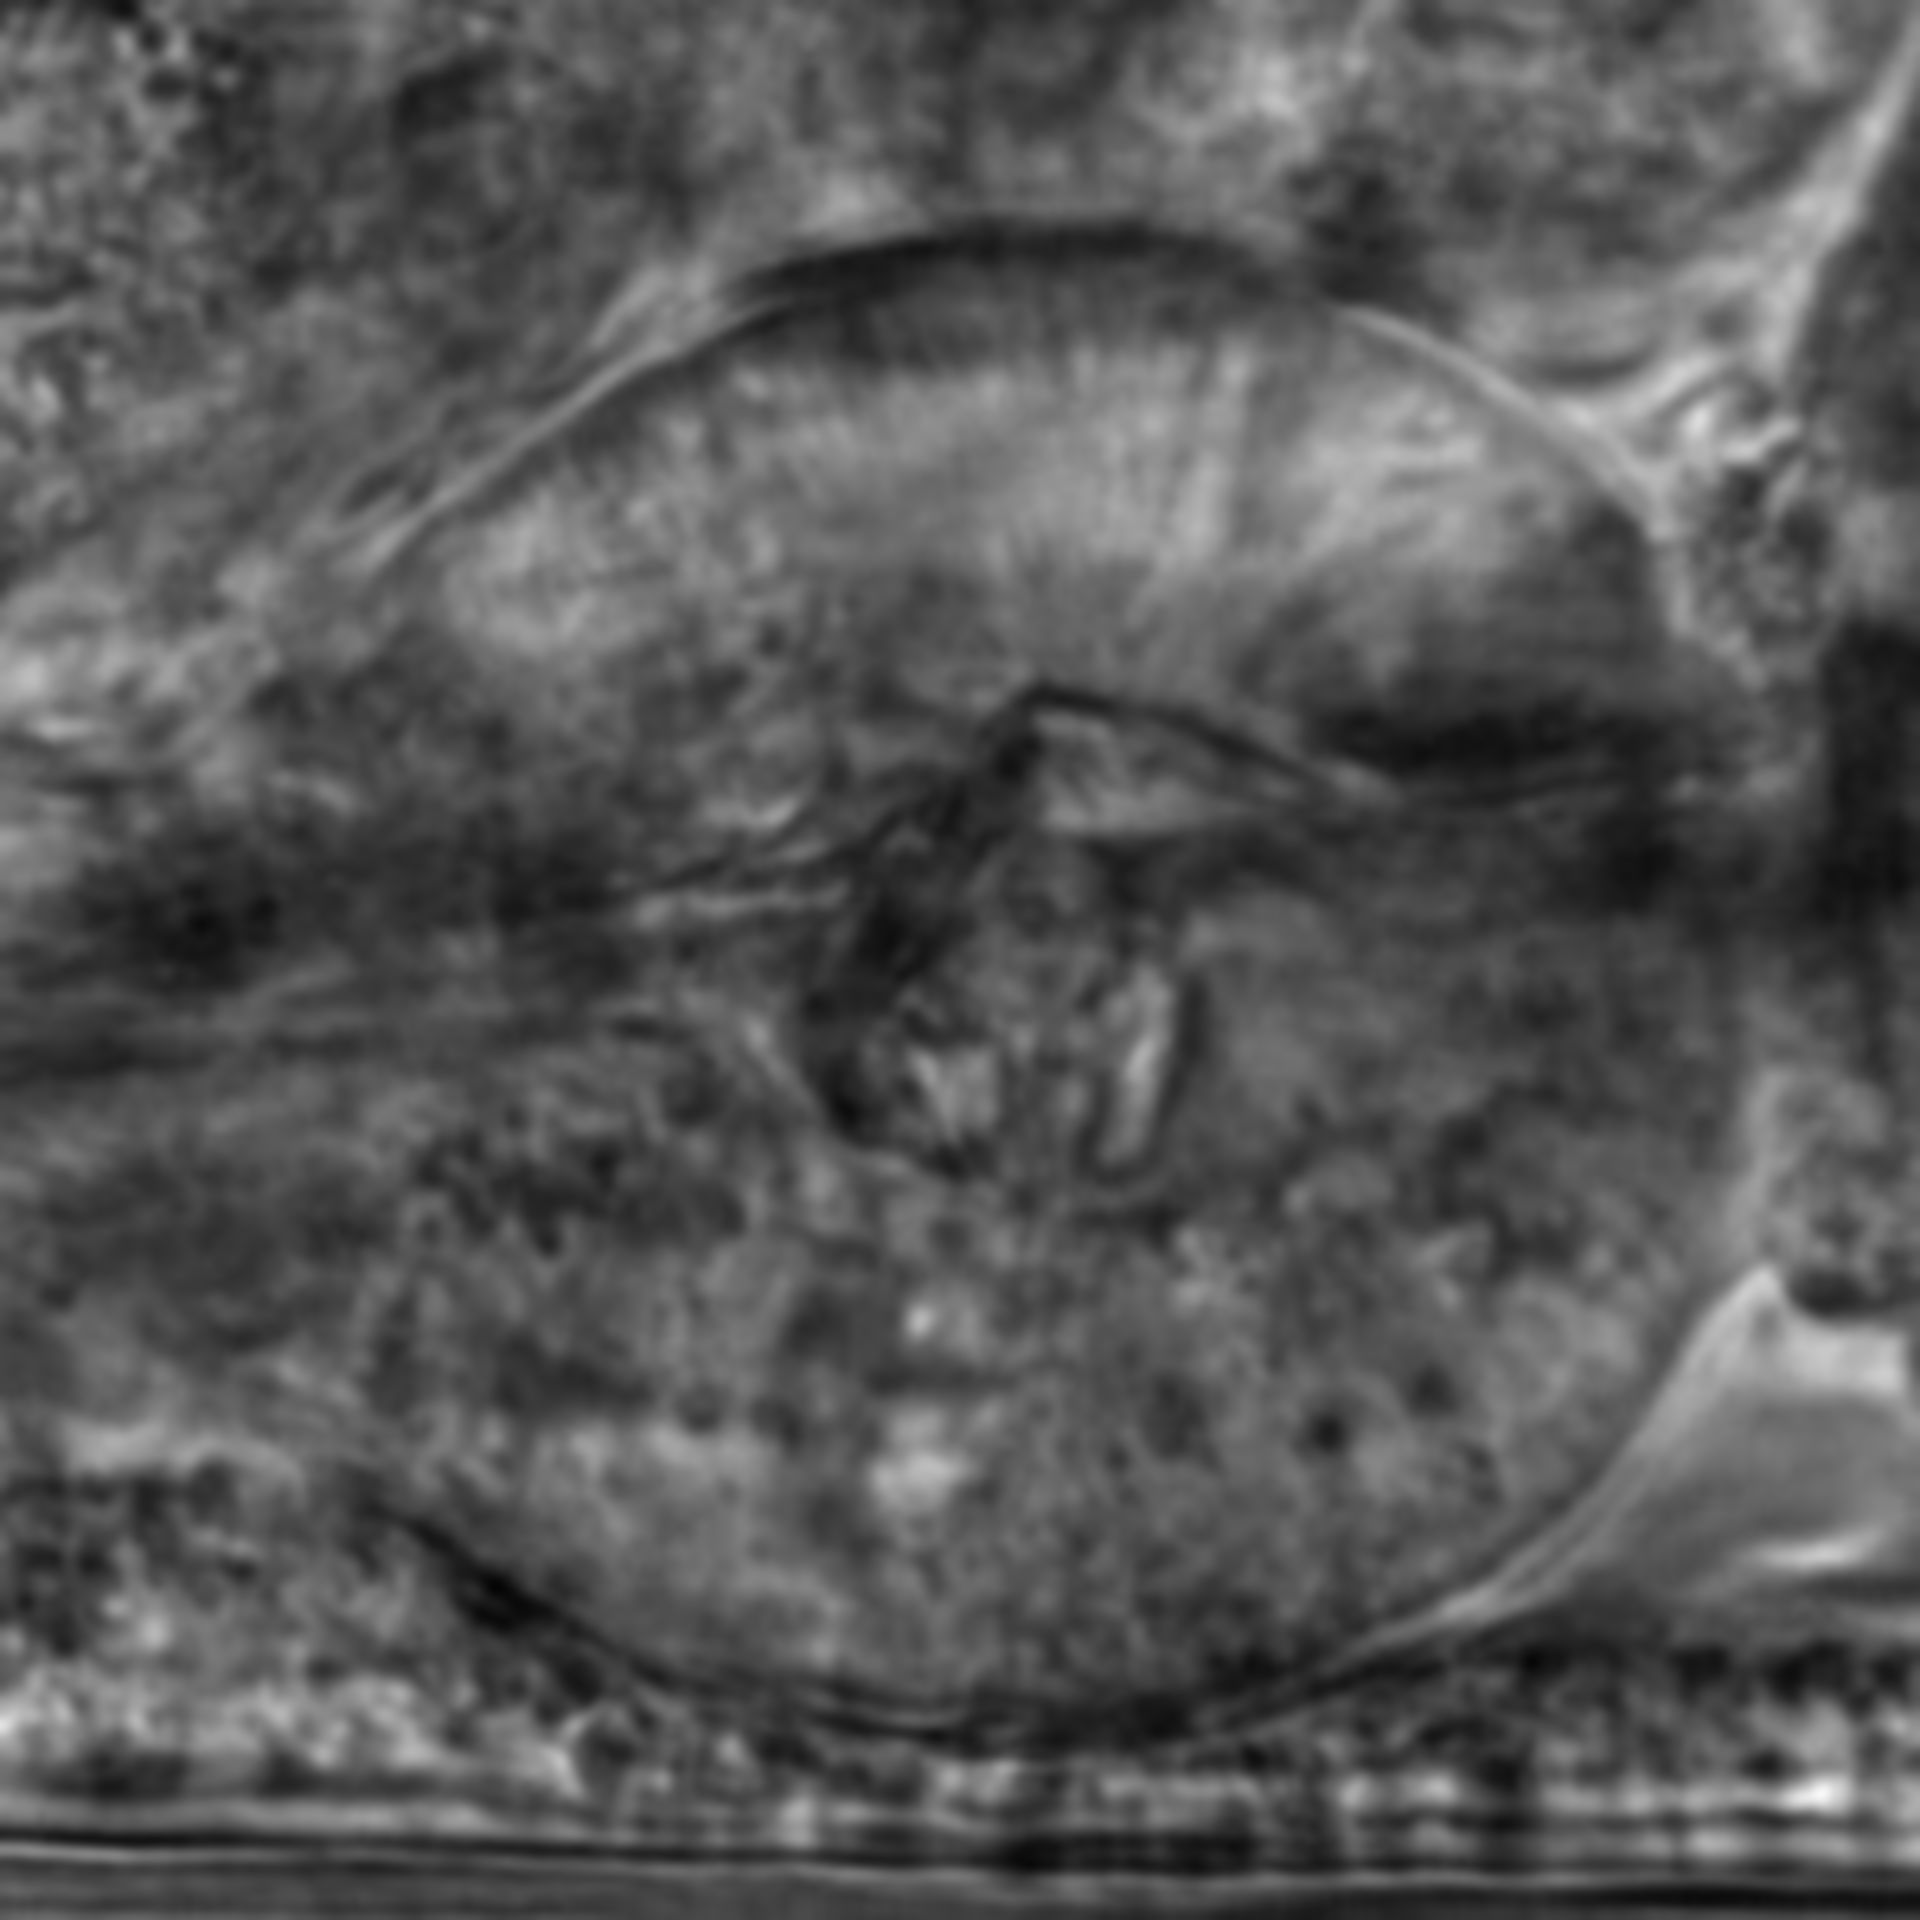 Caenorhabditis elegans - CIL:2775